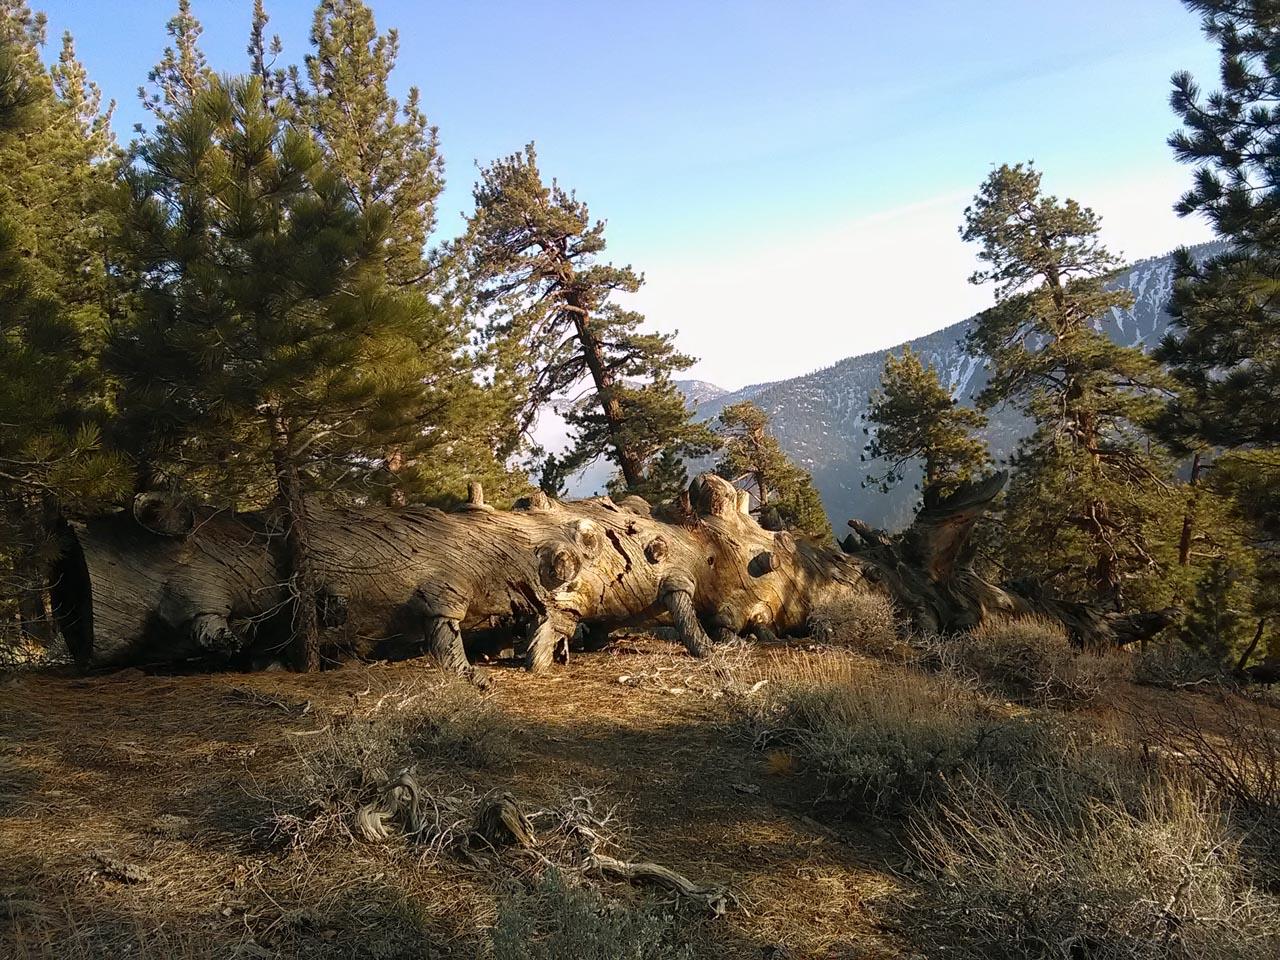 arbres morts torsadés